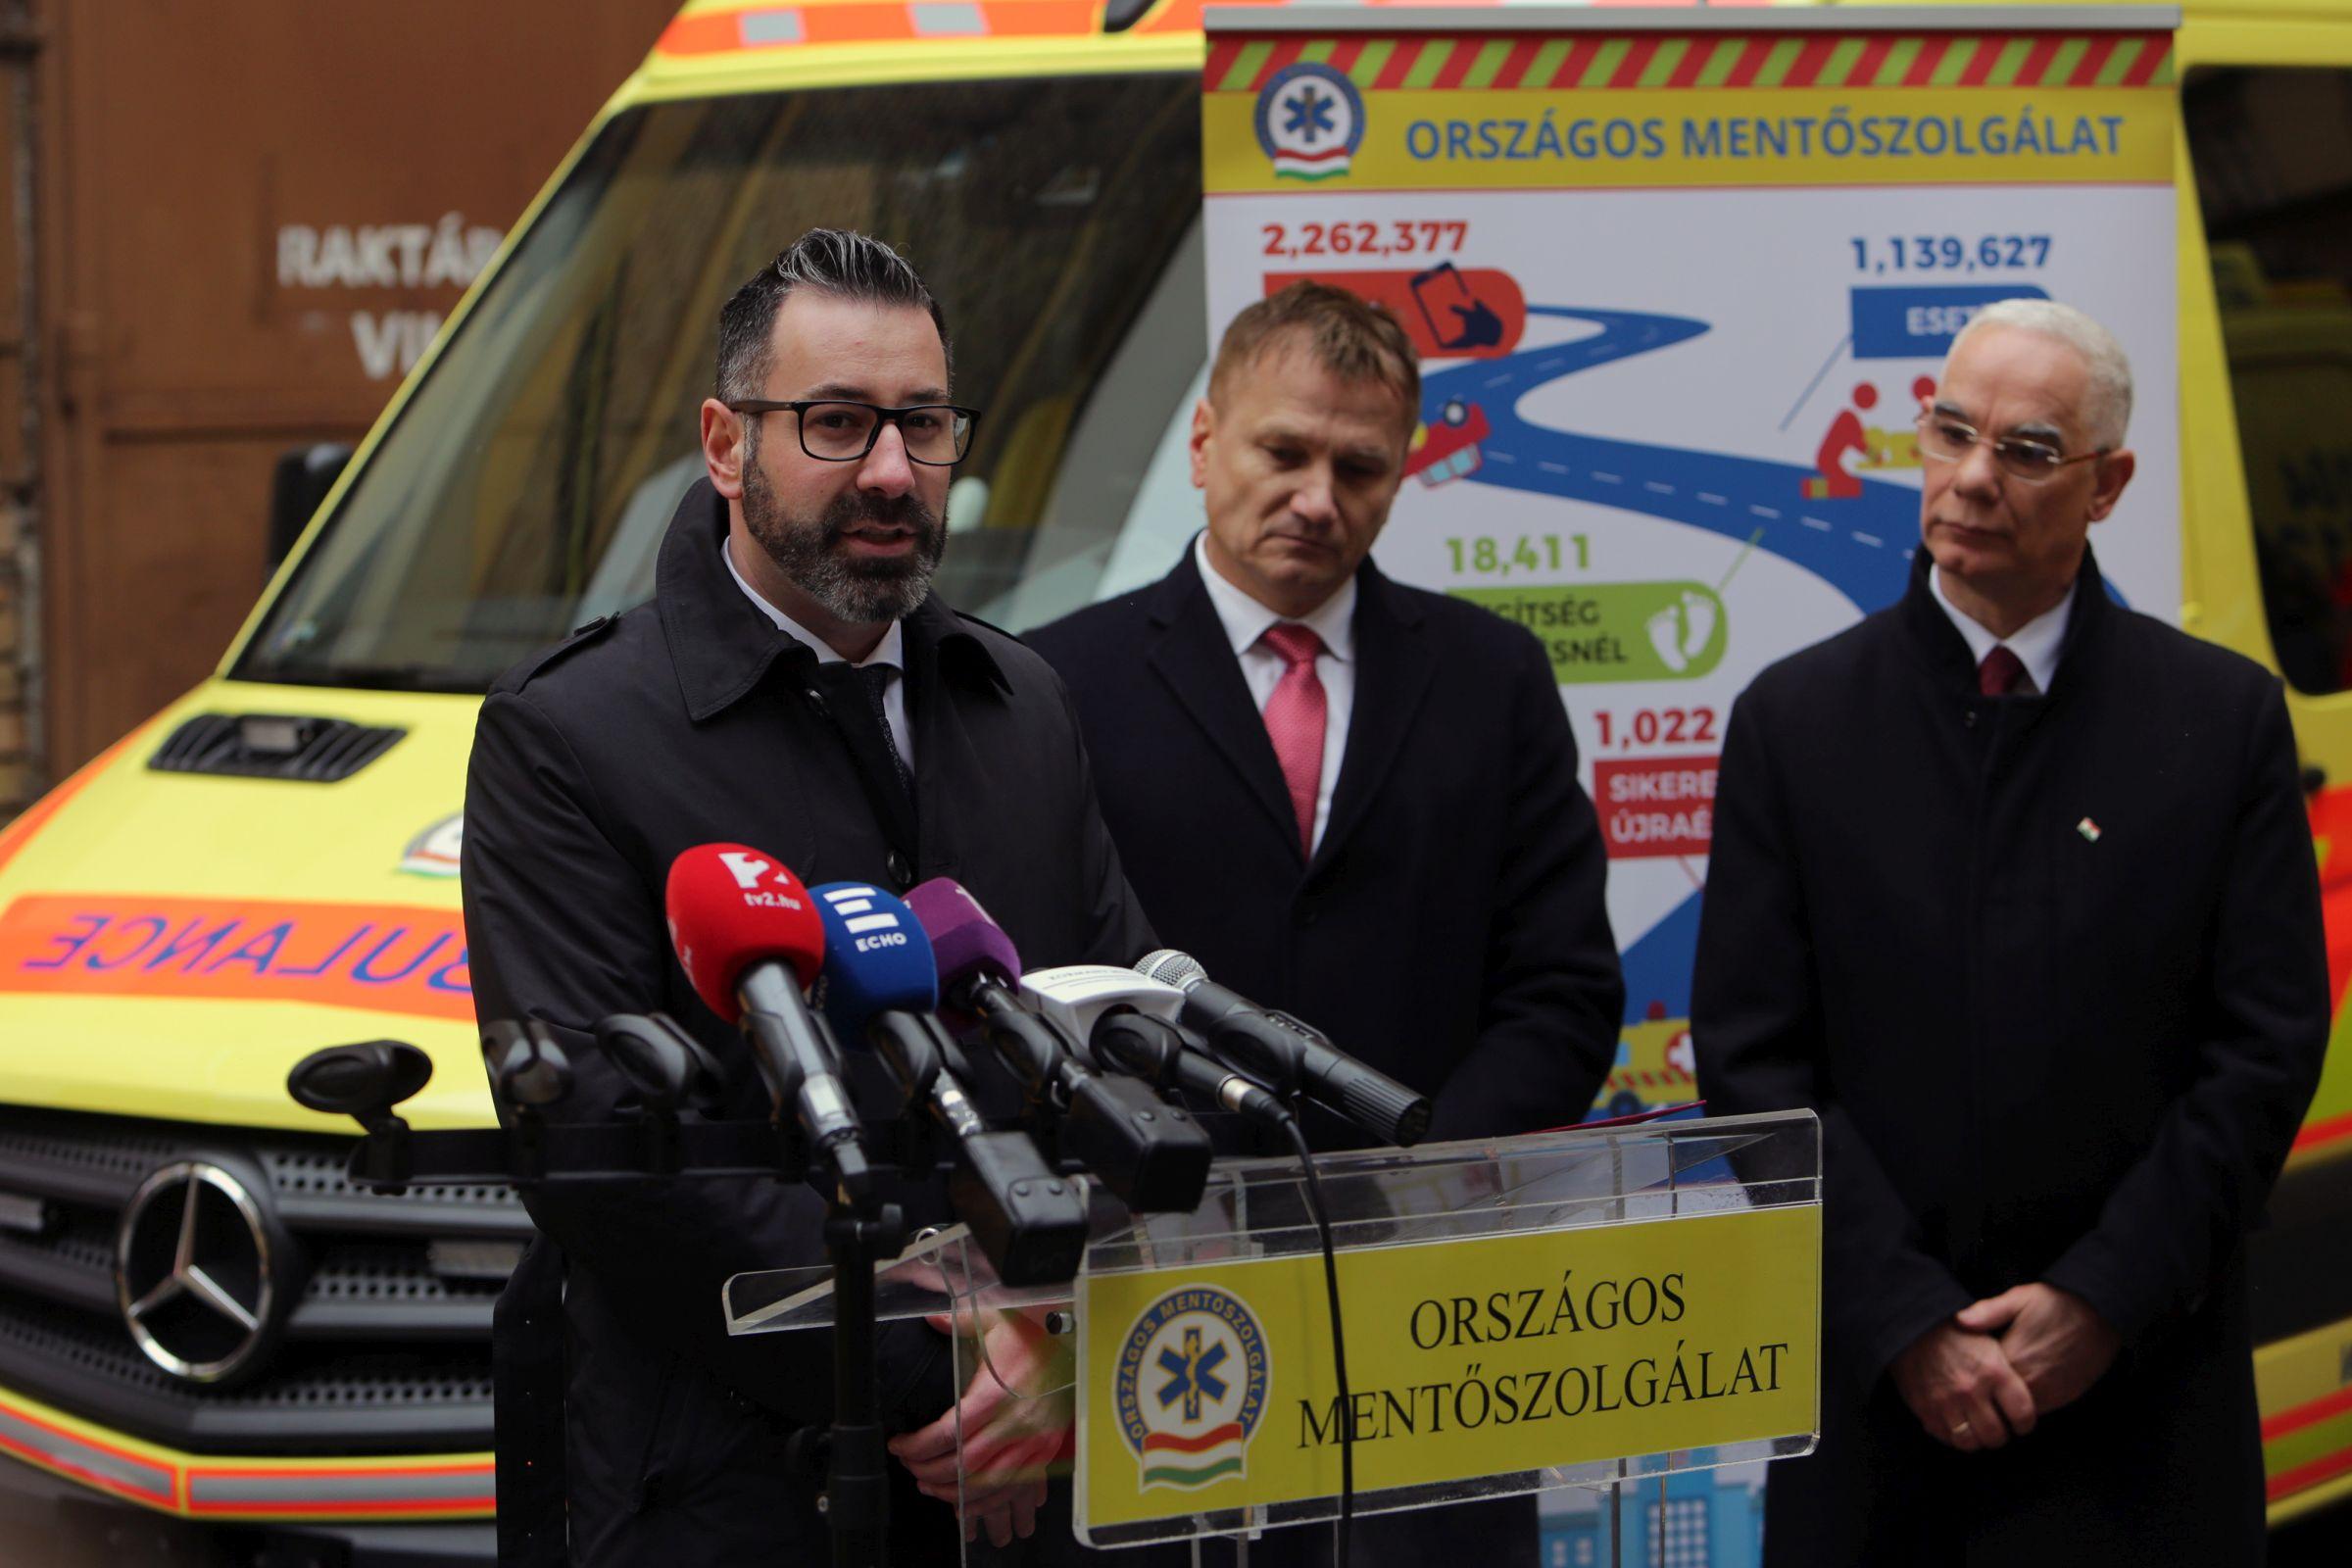 117 új mentőautót kap az Országos Mentőszolgálat